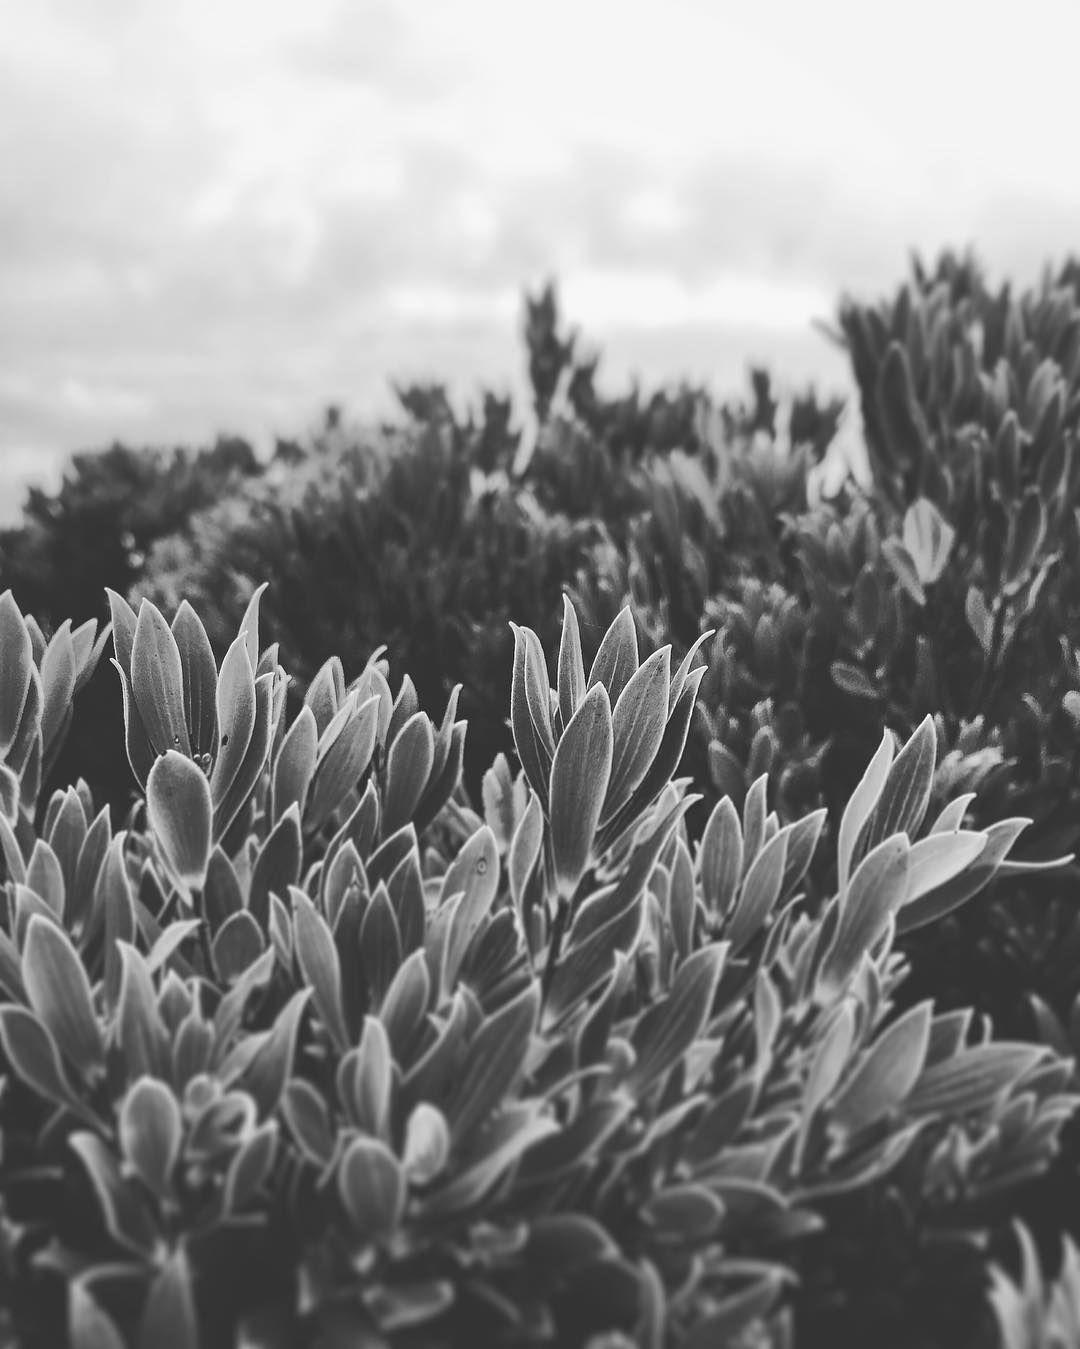 Bush) by gentle_flowers http://ift.tt/1ijk11S